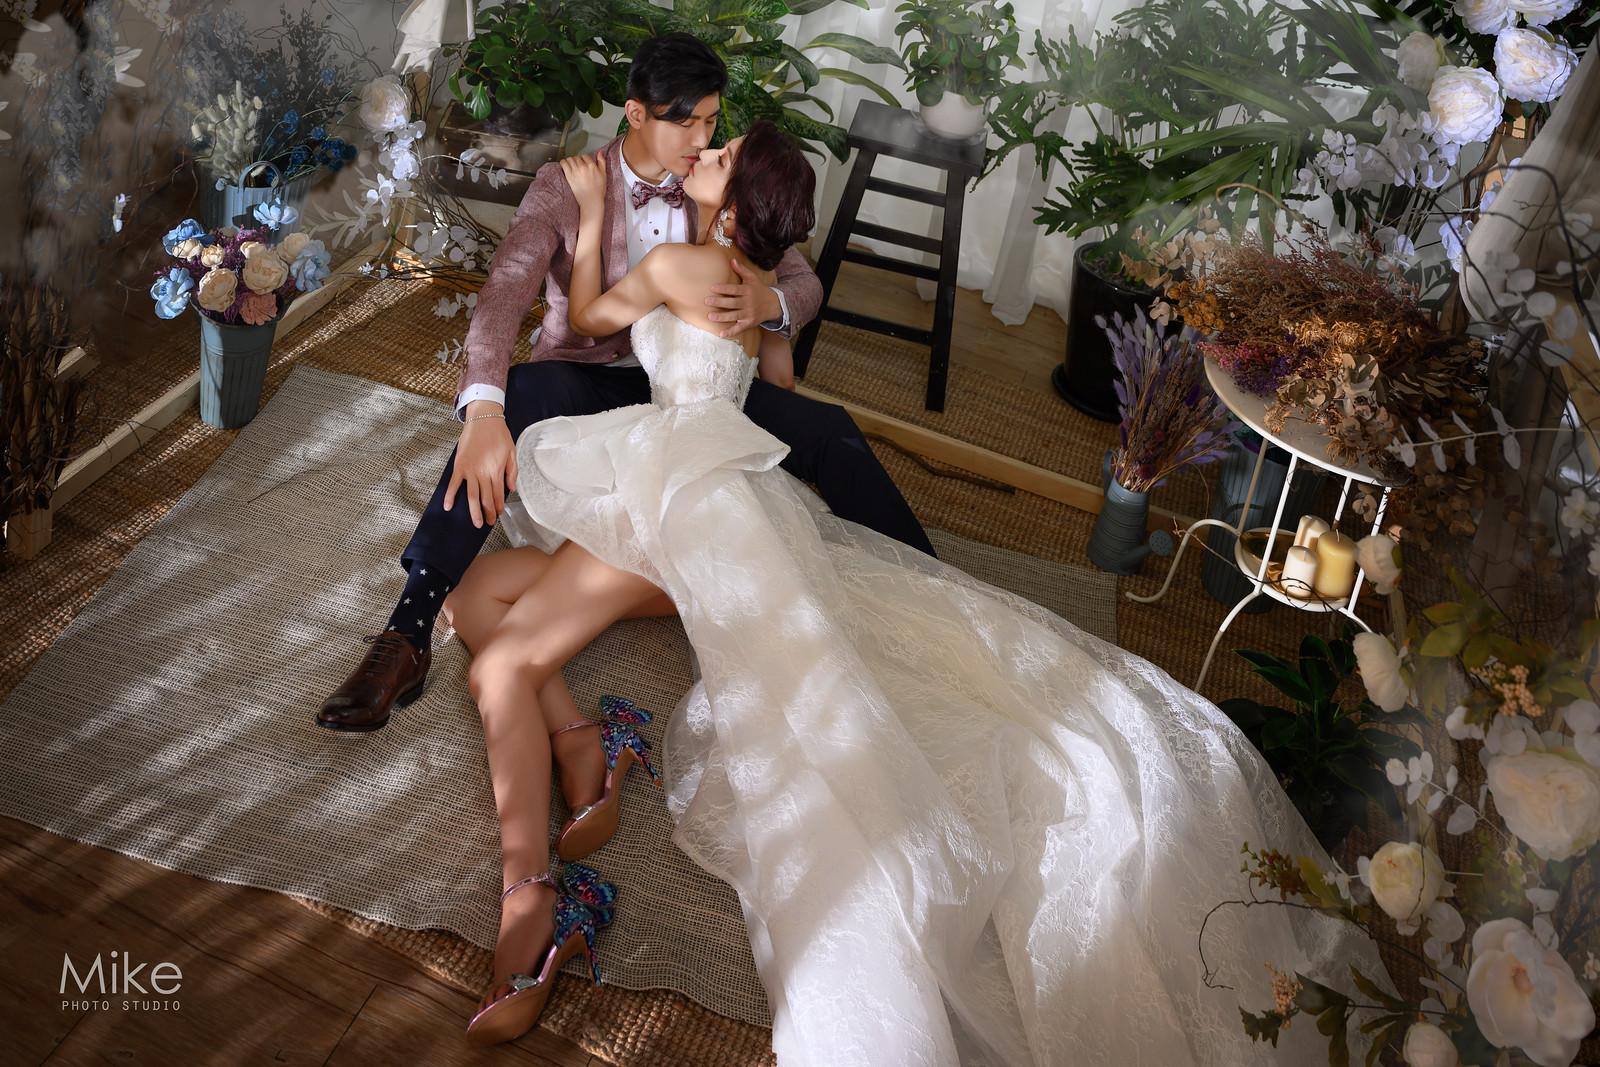 """""""光寓想享婚紗,棚拍婚紗攝影,婚攝Mike,婚禮攝影,婚攝推薦,婚攝價格,海外婚紗,海外婚禮,風格攝影師,新秘Juin,wedding"""""""